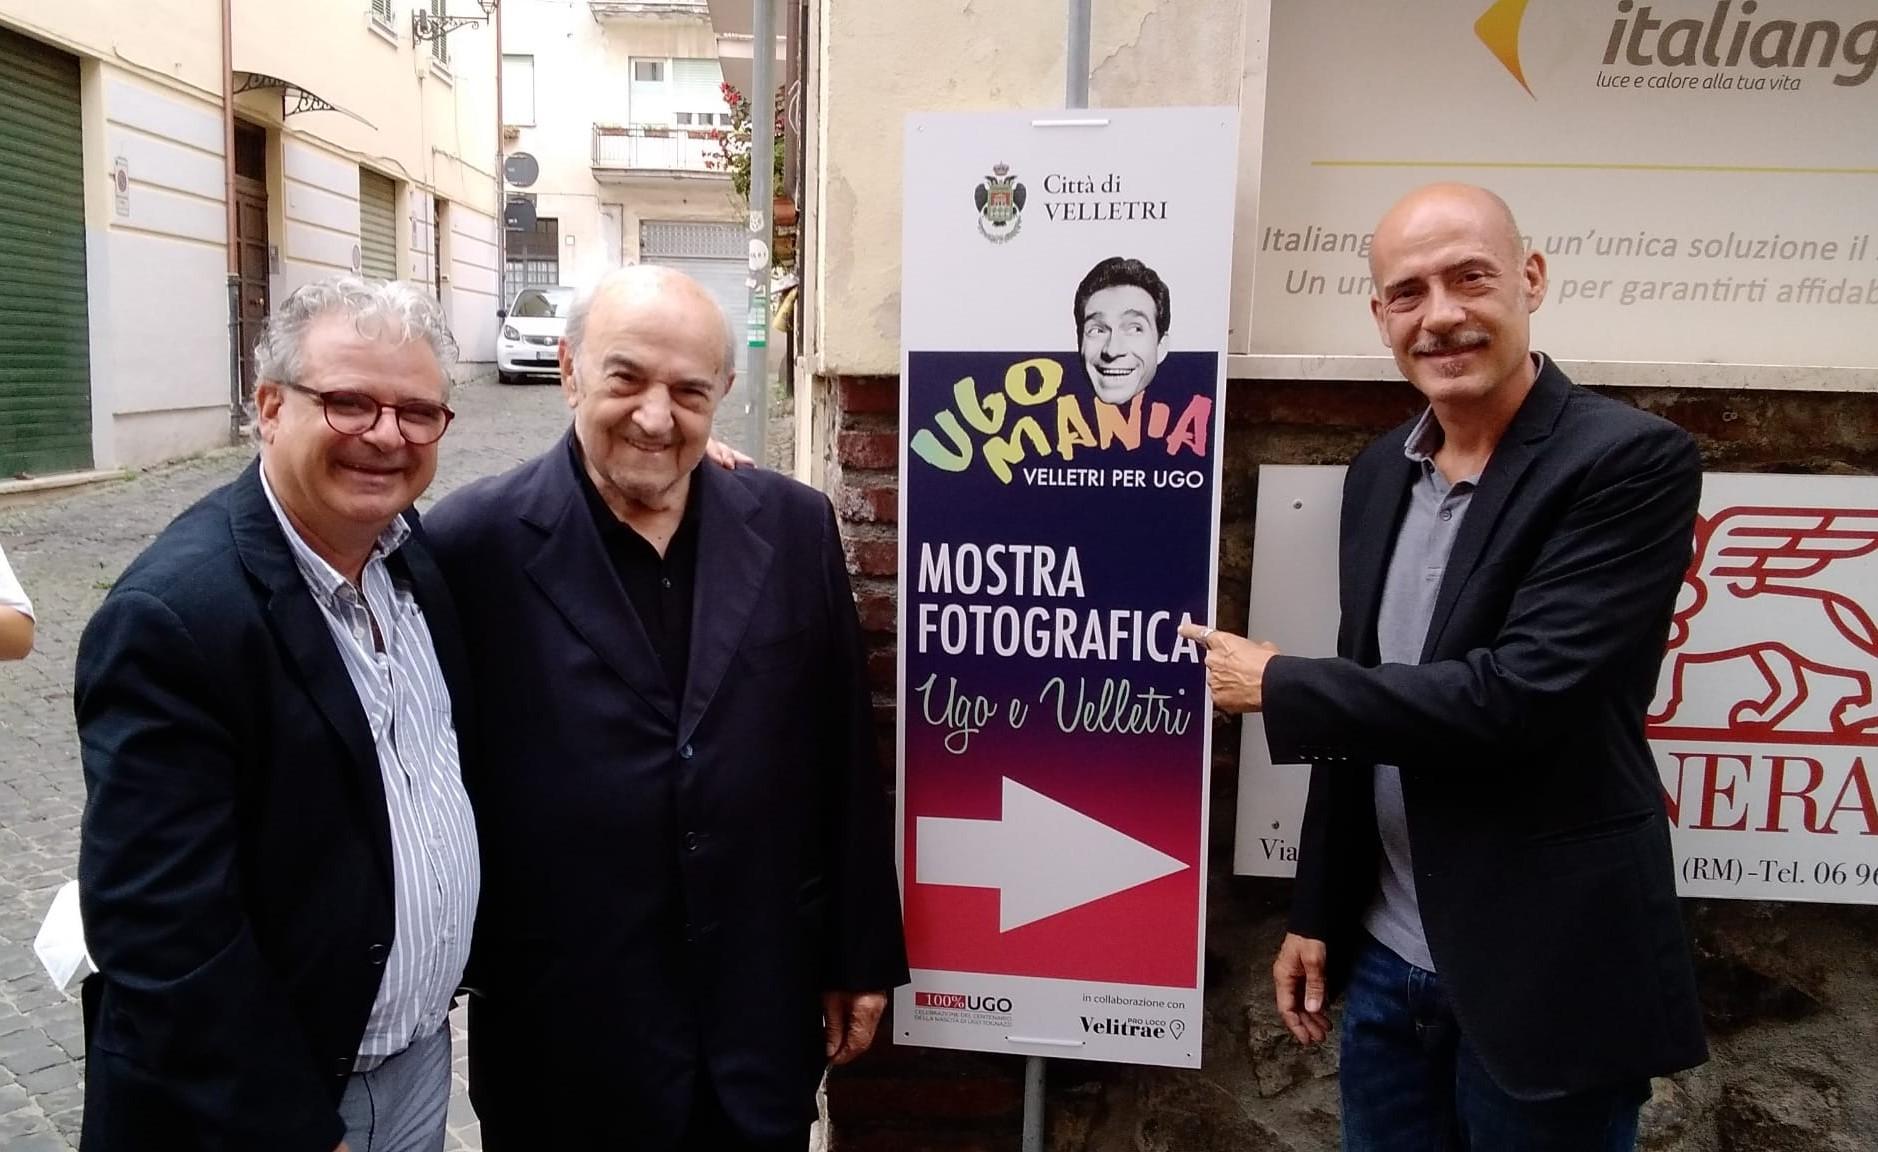 """Velletri, parte """"UgoMania"""", evento con iniziative per celebrare Ugo Tognazzi"""